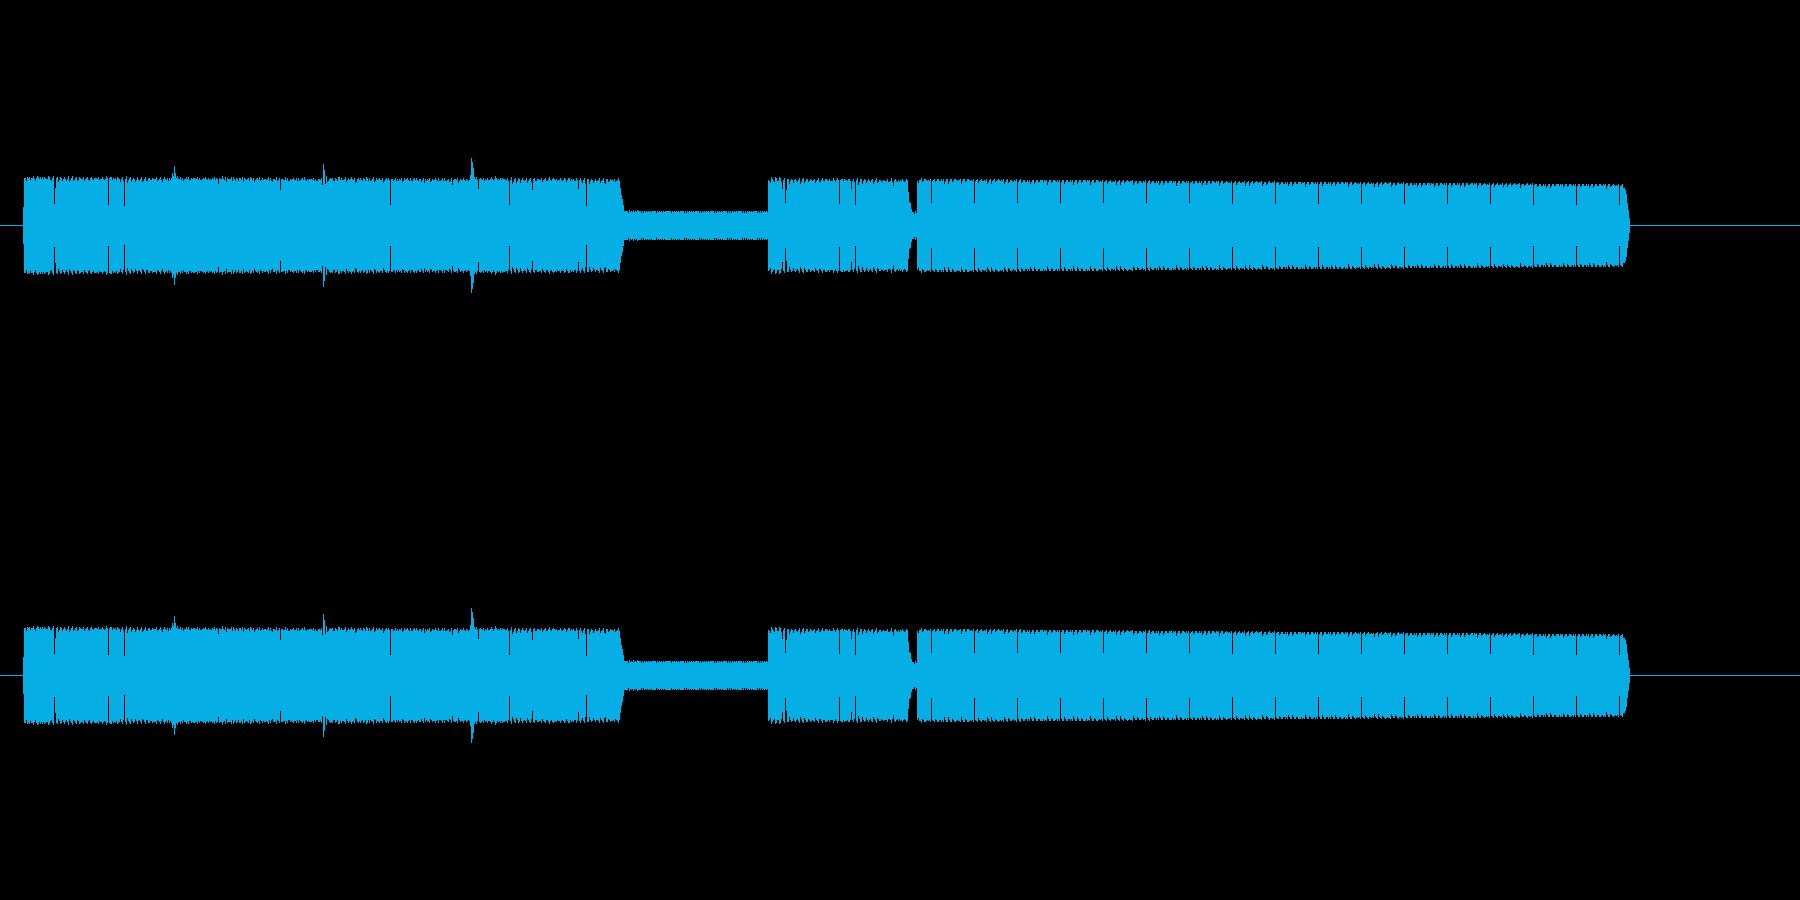 【効果音】8ビットファンファーレ風4の再生済みの波形